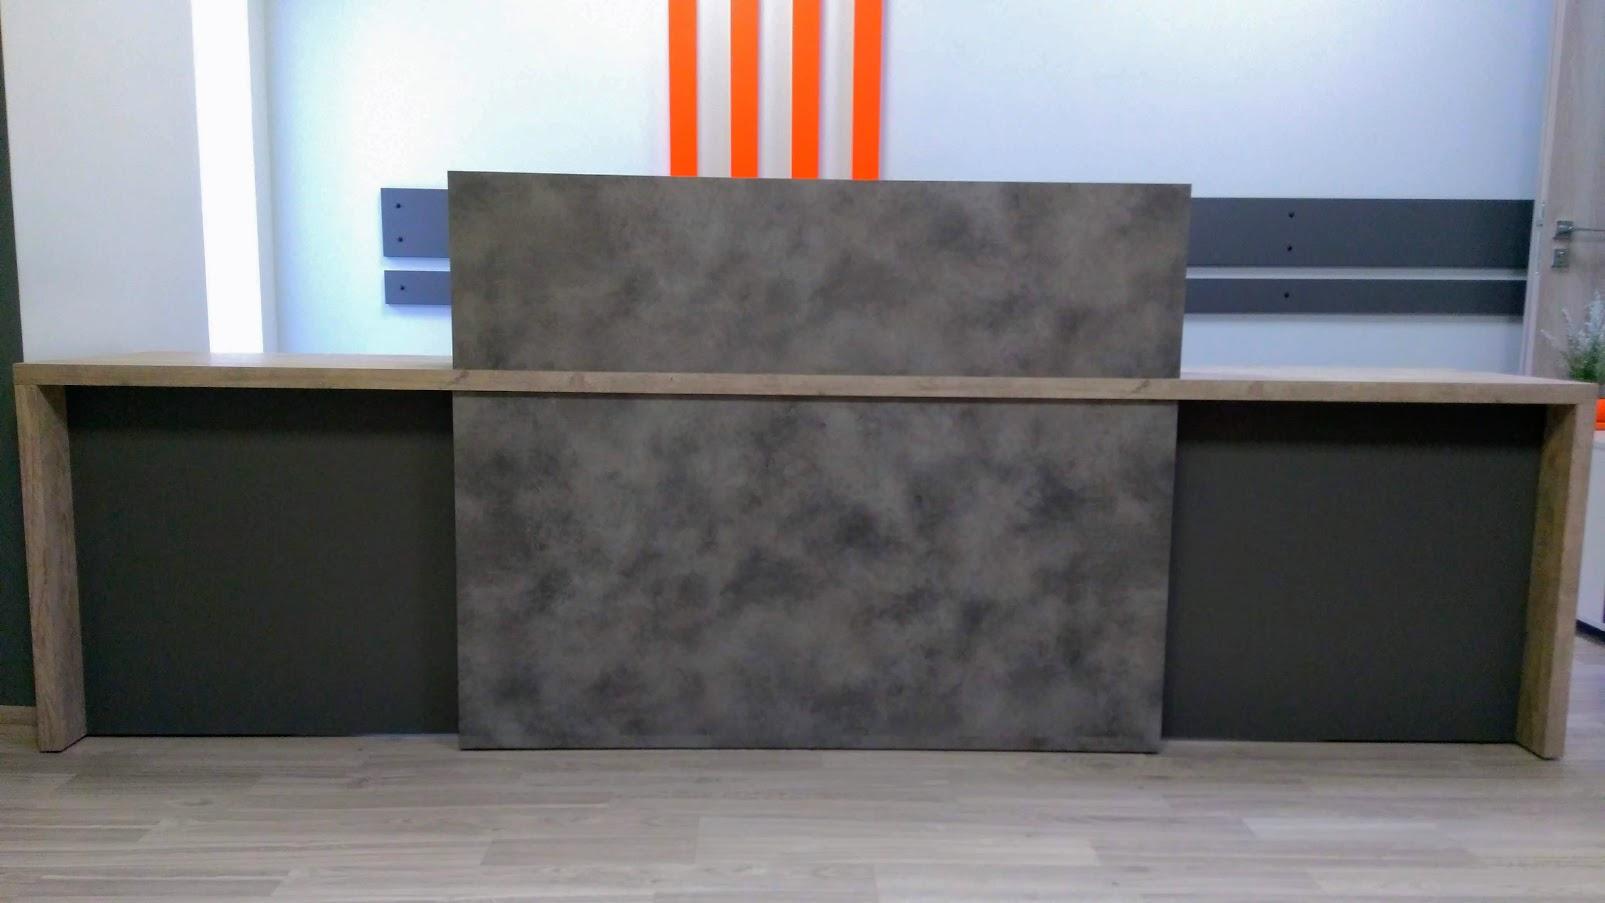 Стойка для секретаря - Модульная офисная мебель, Металлические каркасы столов, Мебельные опоры ✆ 0679245444